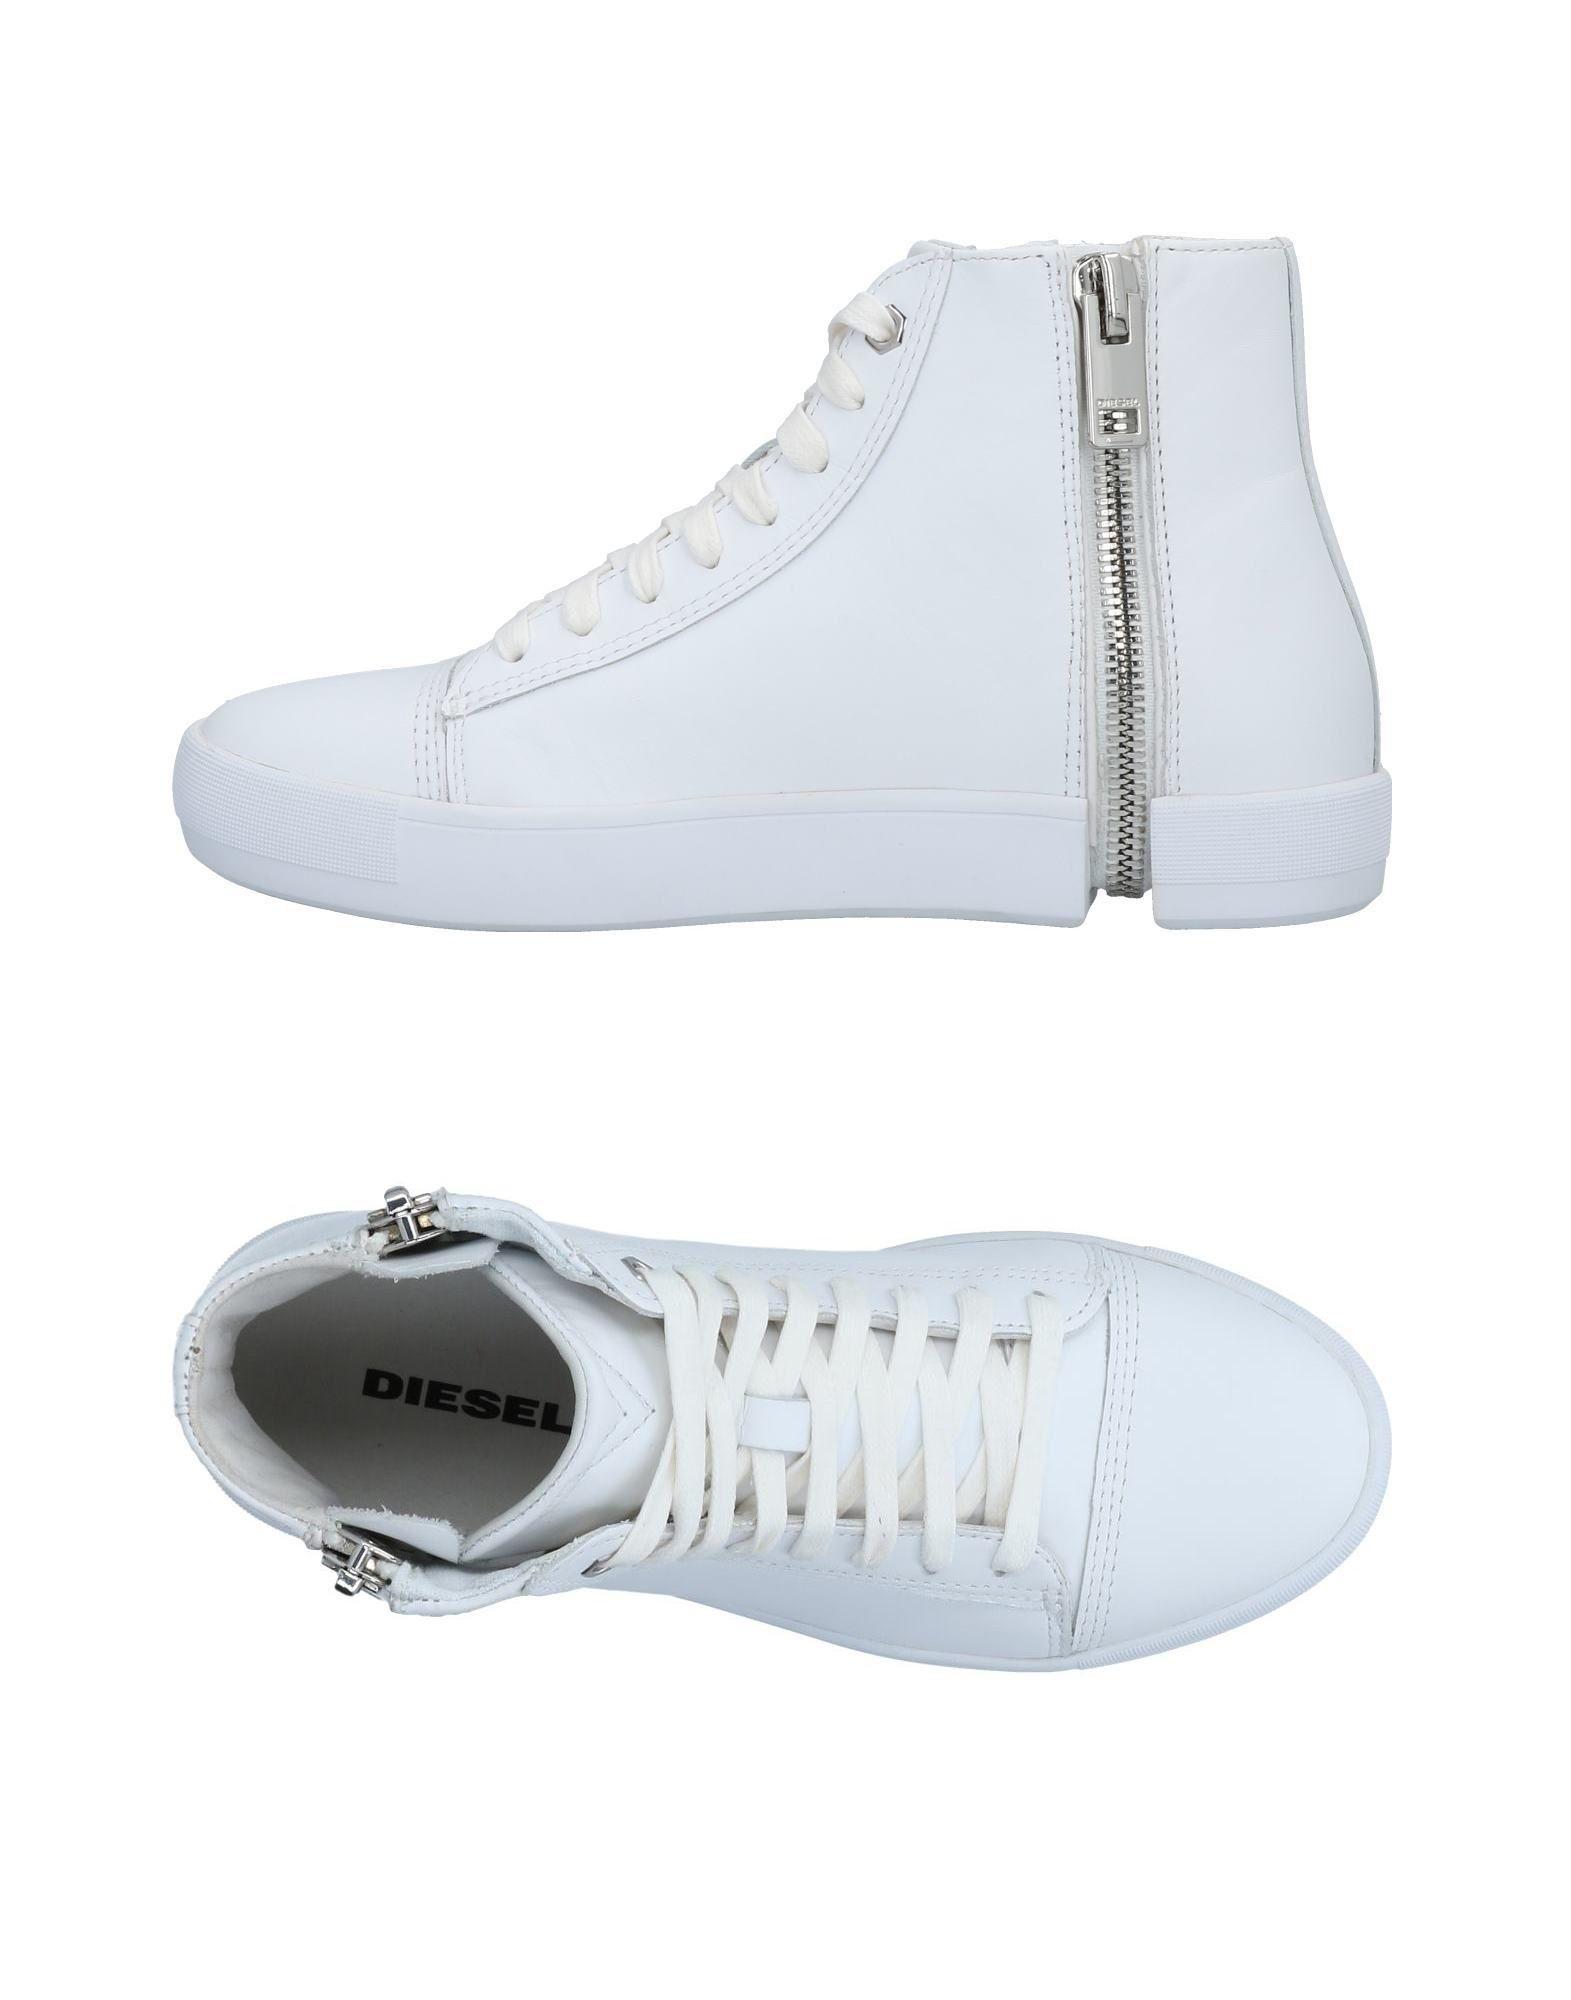 Stilvolle billige Schuhe Diesel Sneakers 11476601JP Damen  11476601JP Sneakers 3493e4